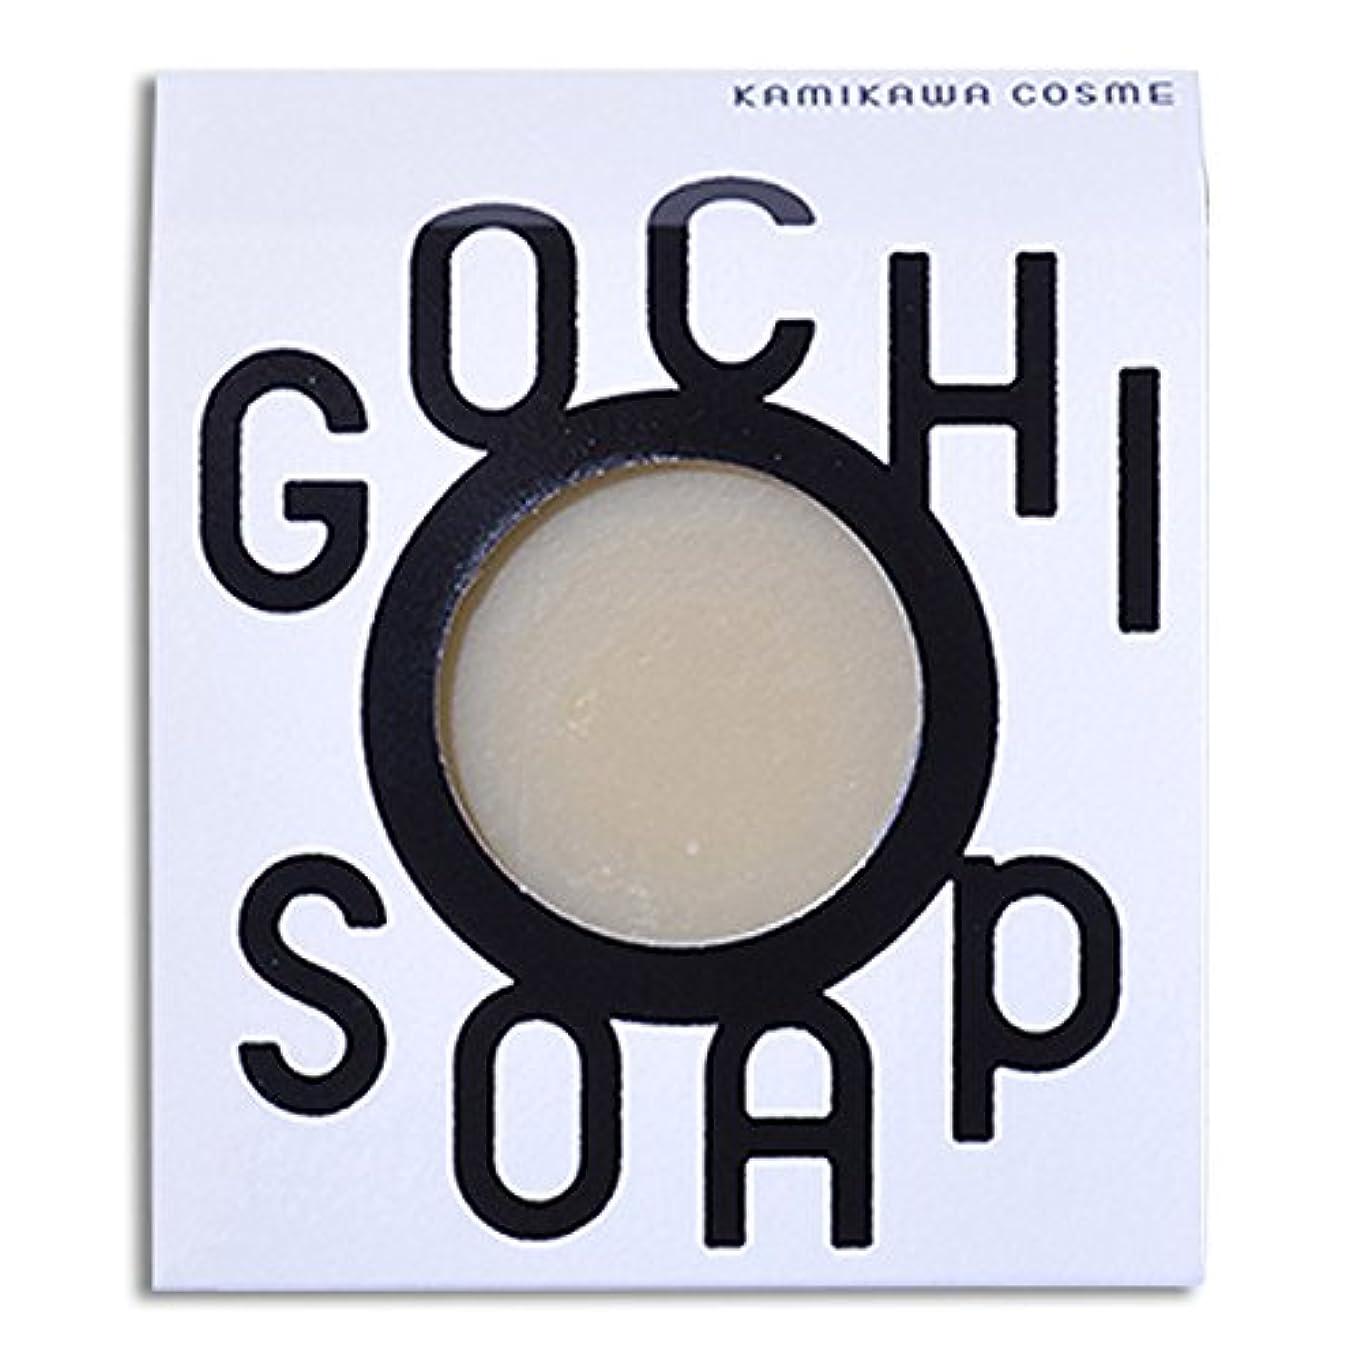 言い換えると執着拒絶道北の素材を使用したコスメブランド GOCHI SOAP(伊勢ファームの牛乳ソープ?平田こうじ店の米糀ソープ)各1個セット